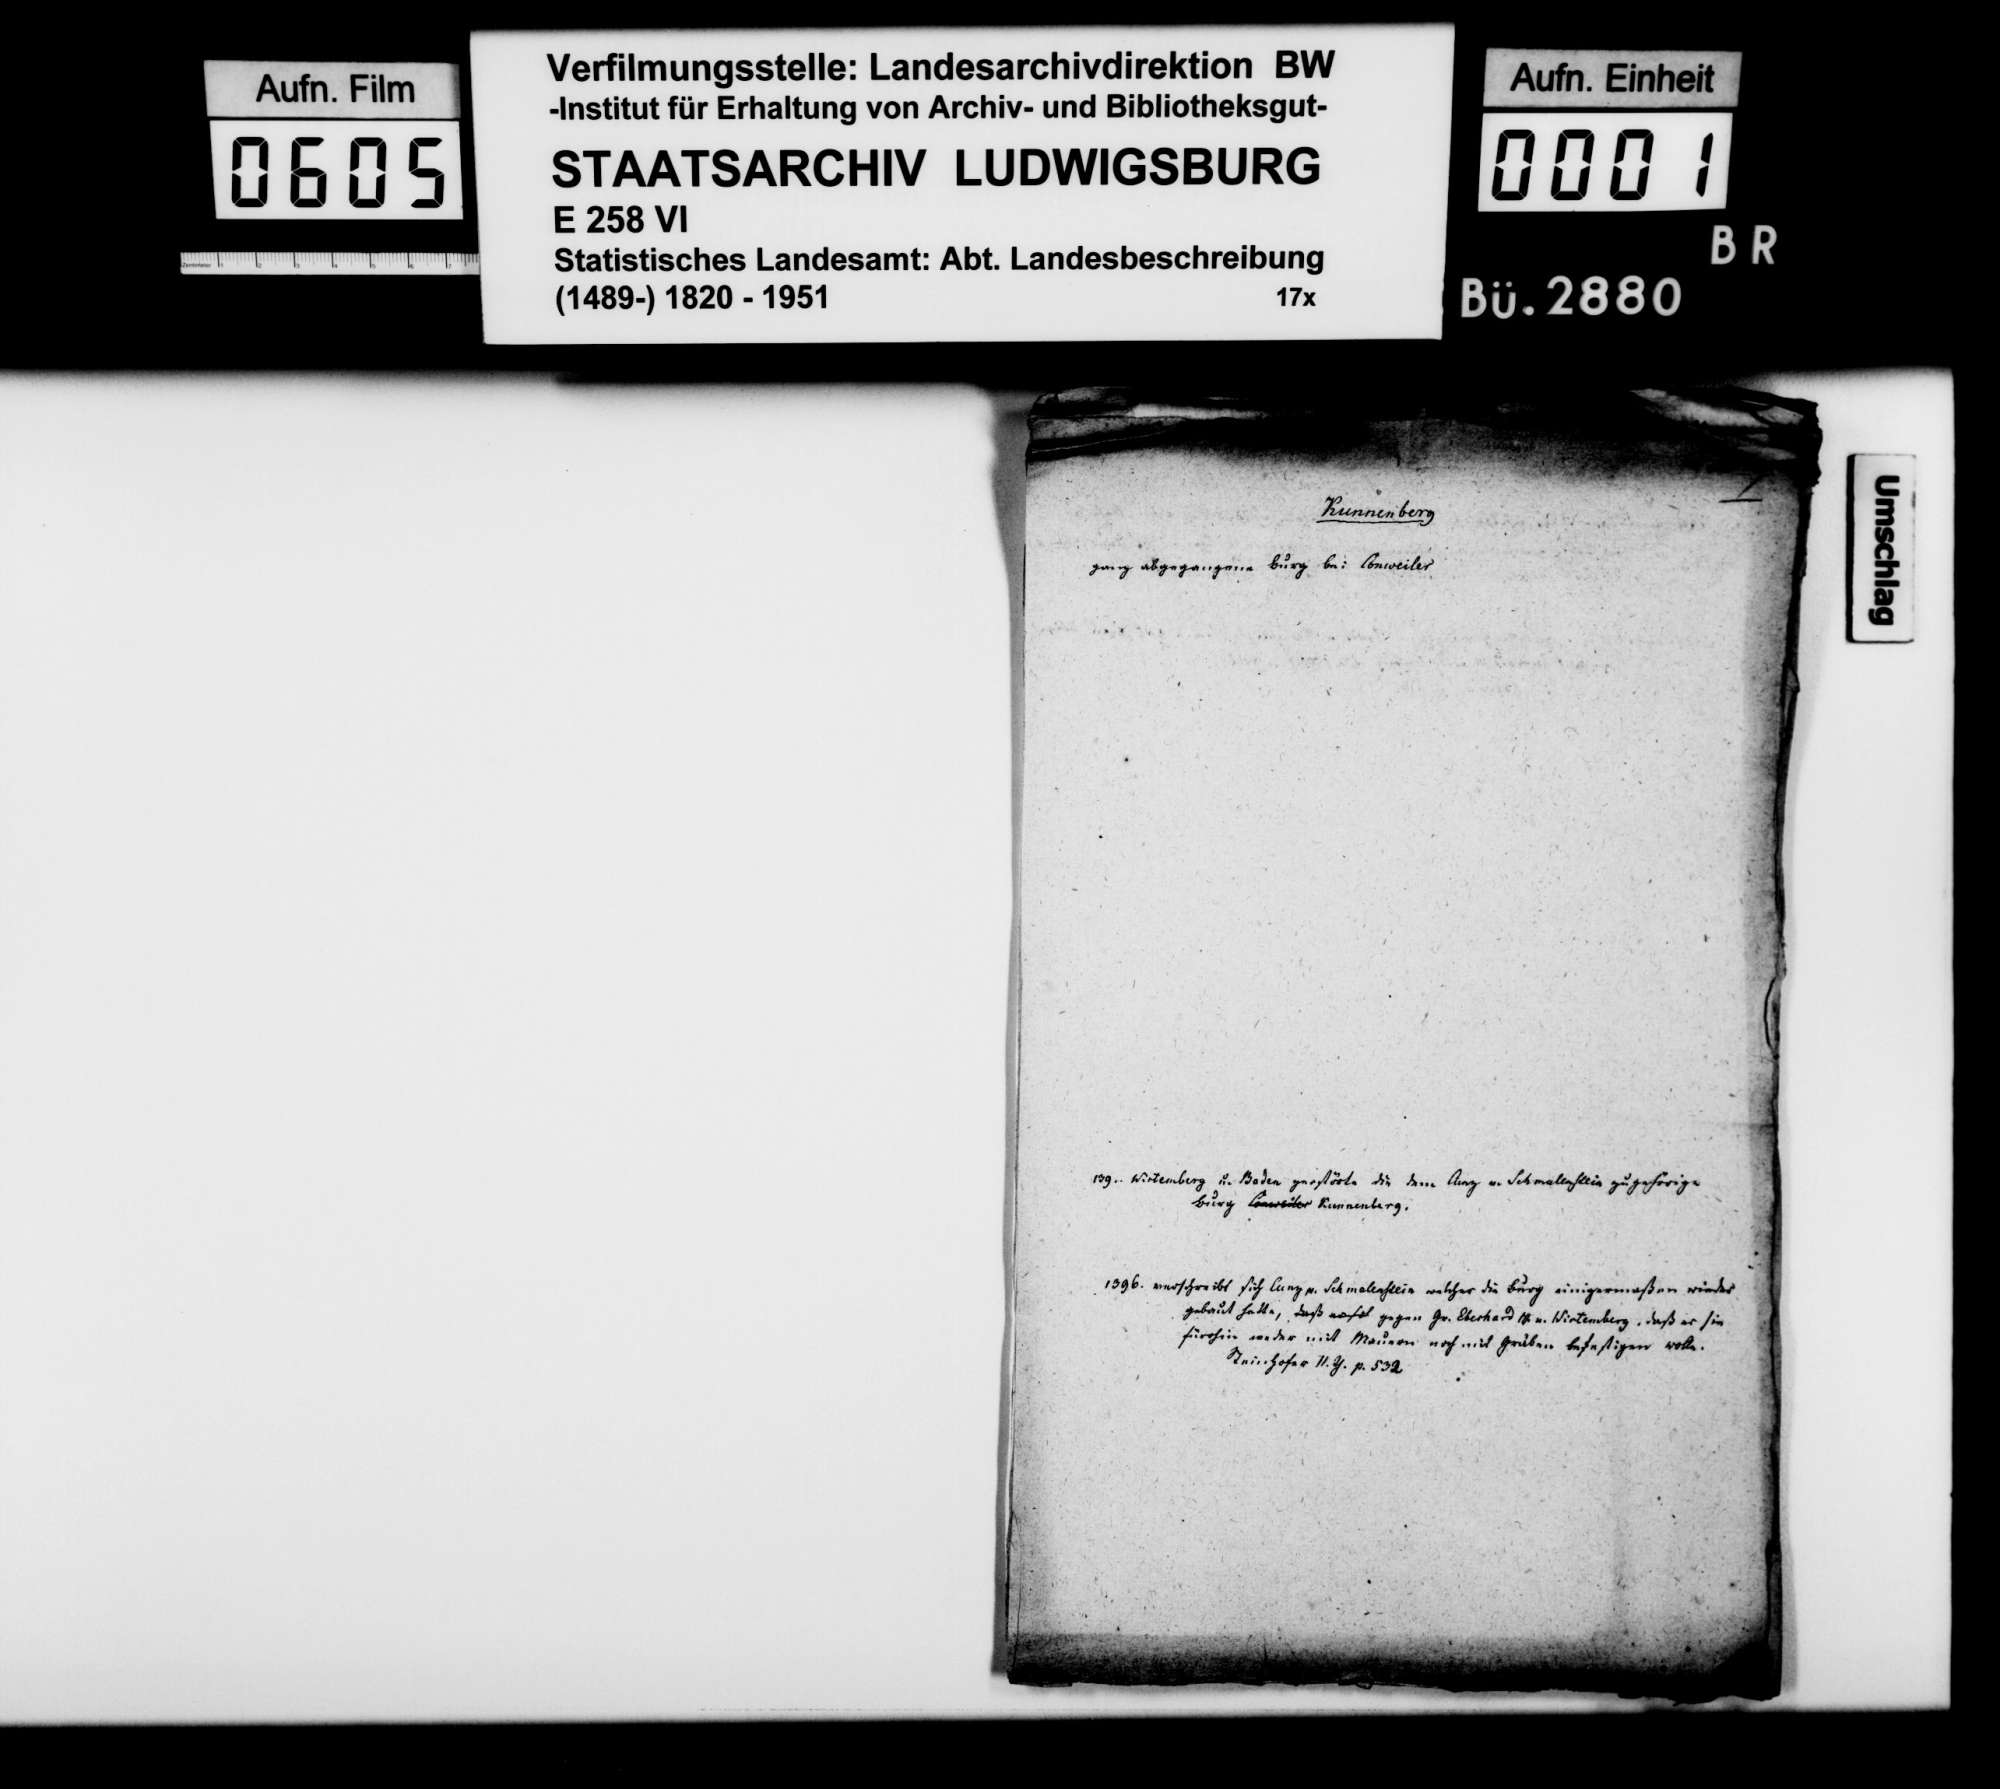 Kollektaneen des Rechtskonsulenten [Karl] von Alberti zur Geschichte des Adels und der Schlösser, Burgen und Ruinen im Oberamtsbezirk, Bild 2